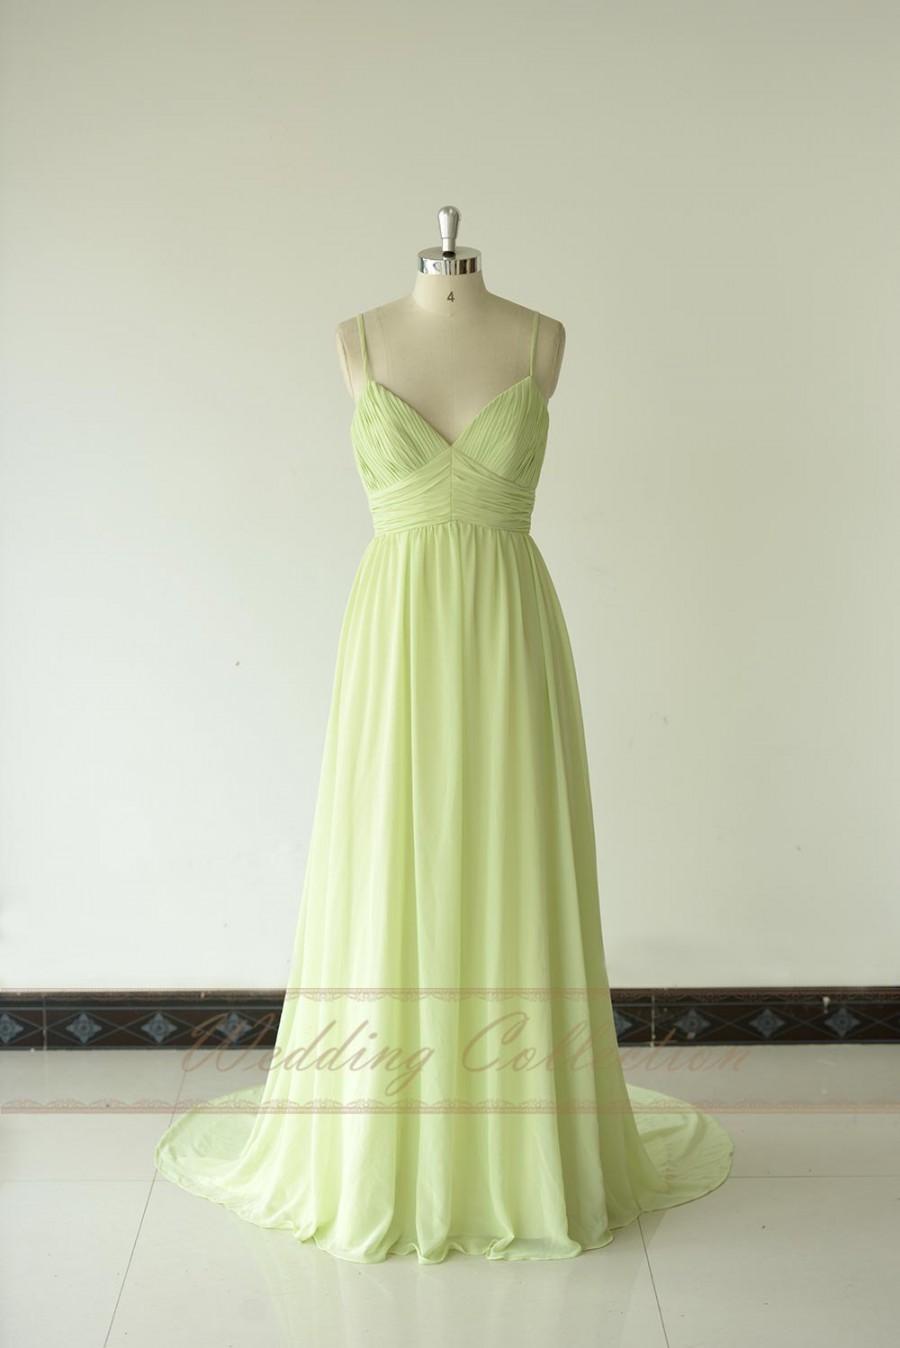 زفاف - Sage Bridesmaid Dress Long Chiffon Gown V neckline with Spaghetti Straps